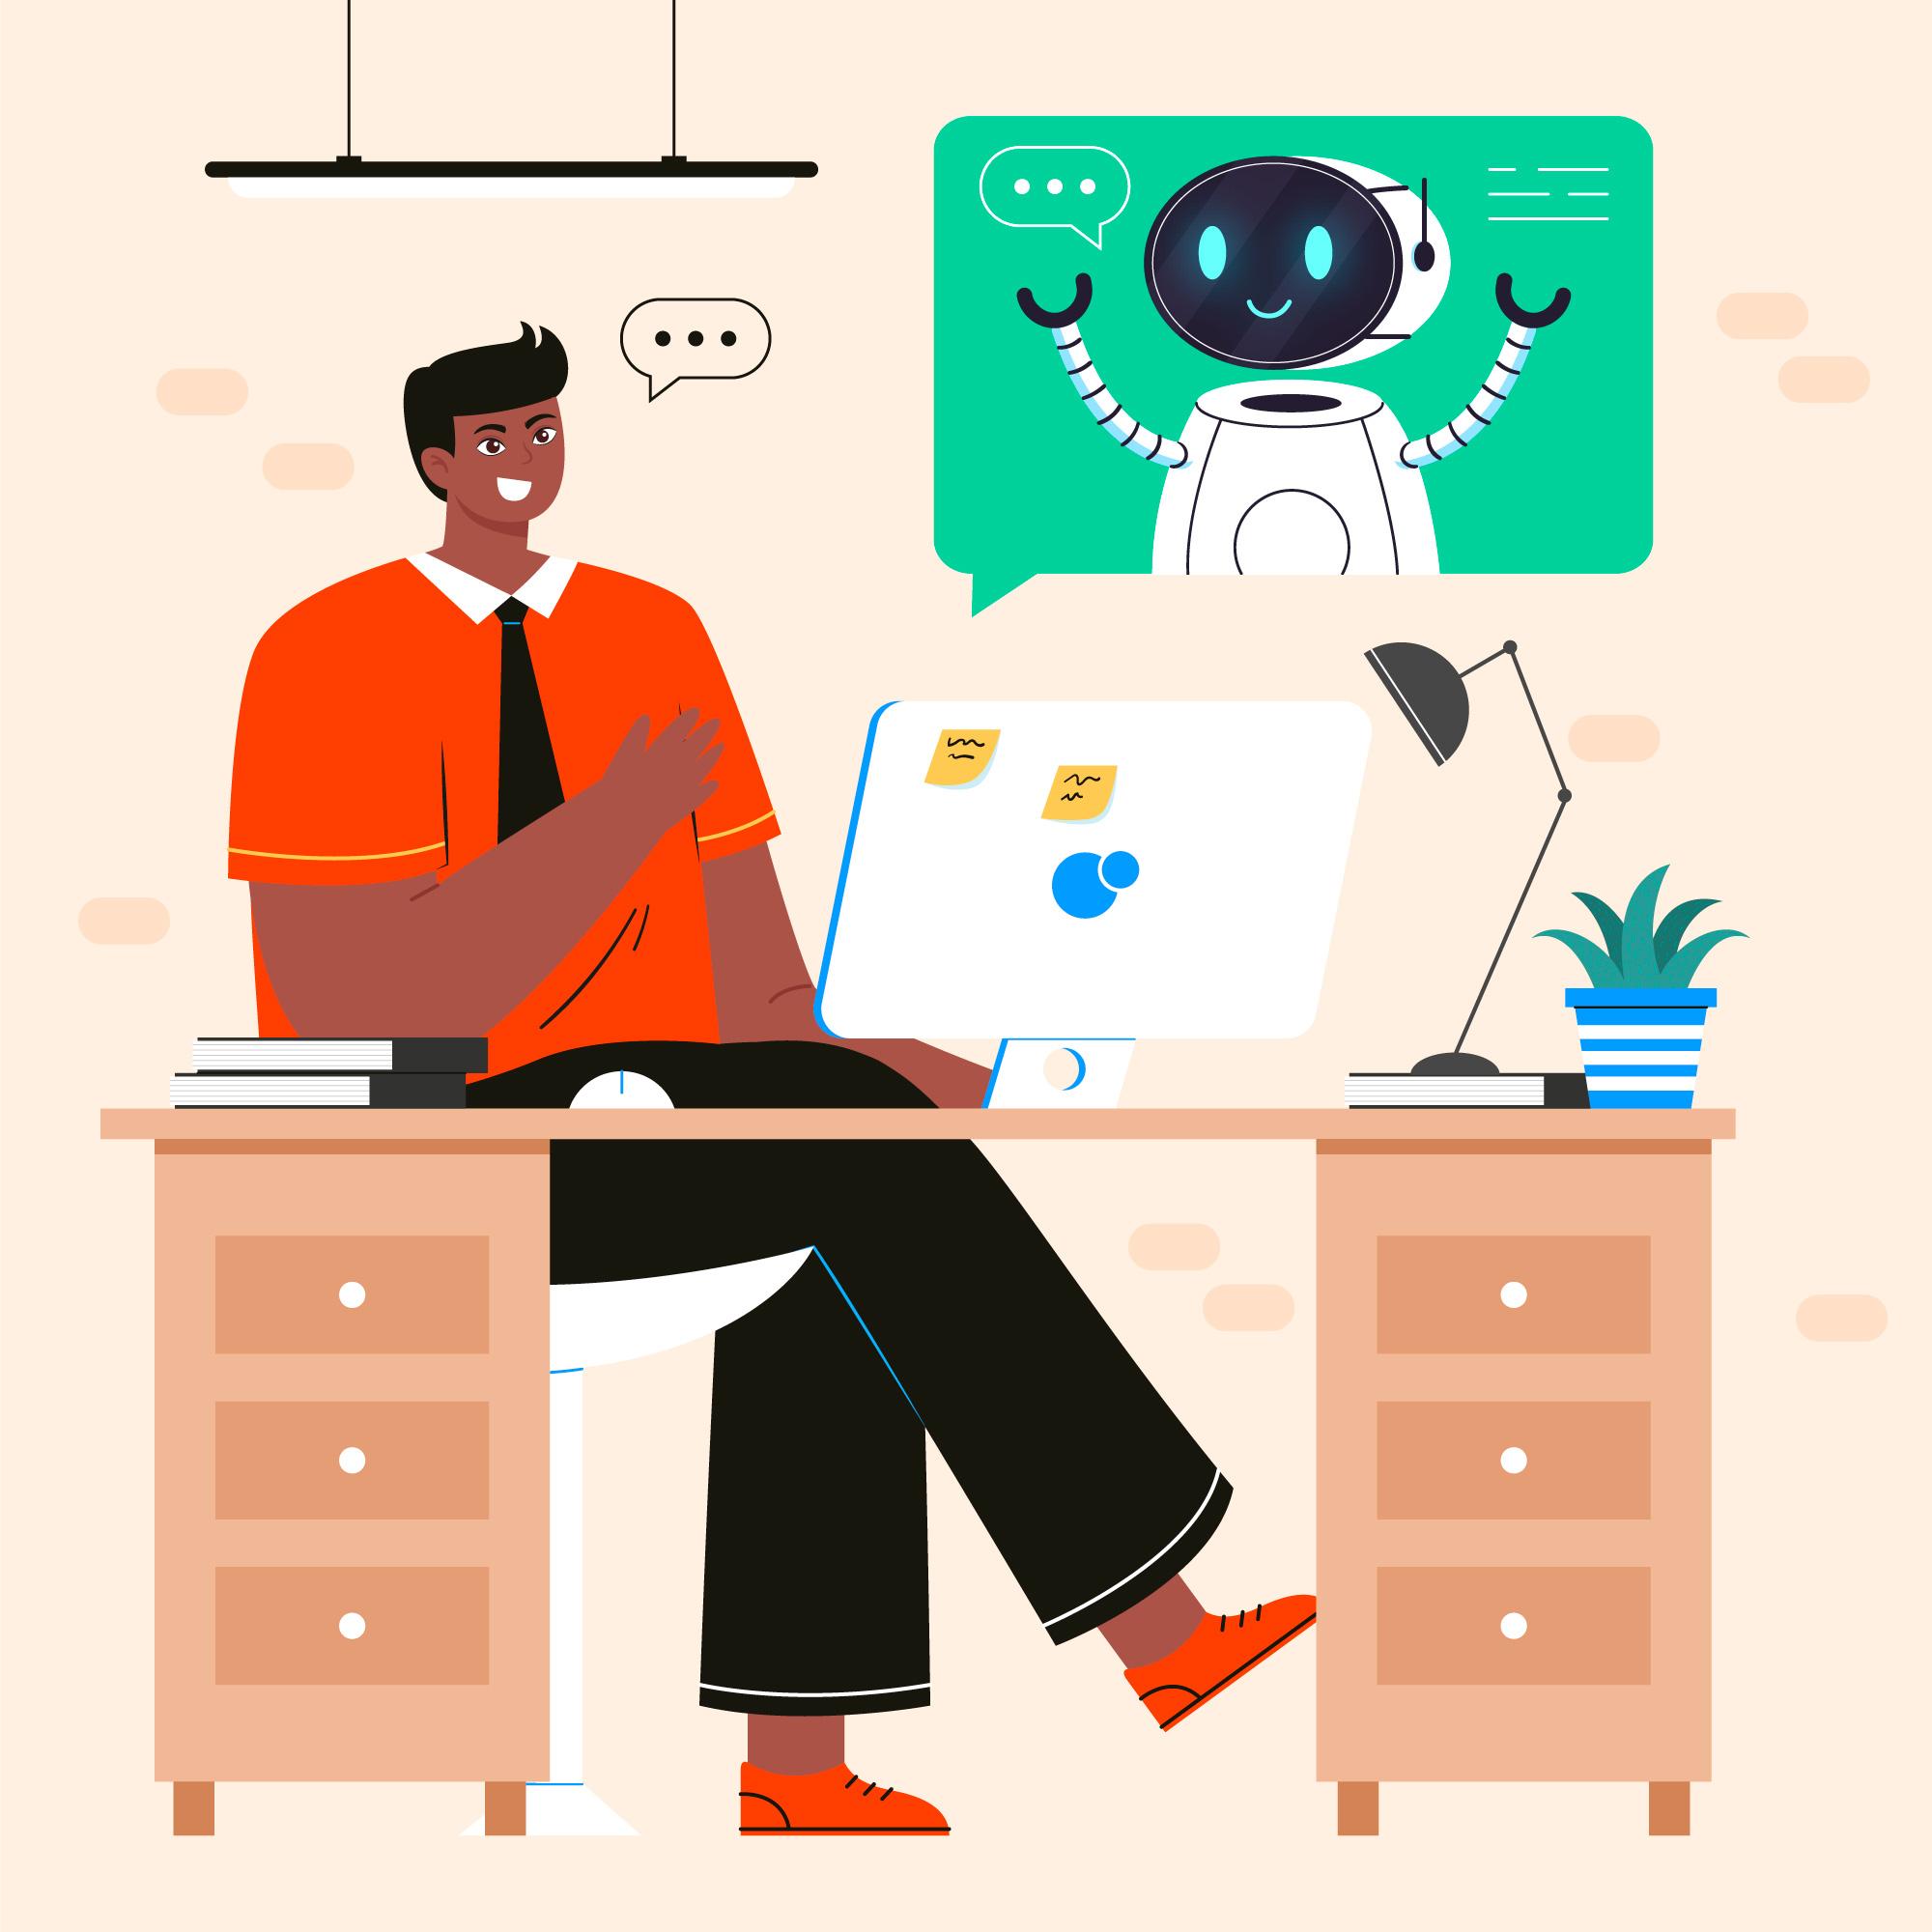 Asistente virtual como un robot